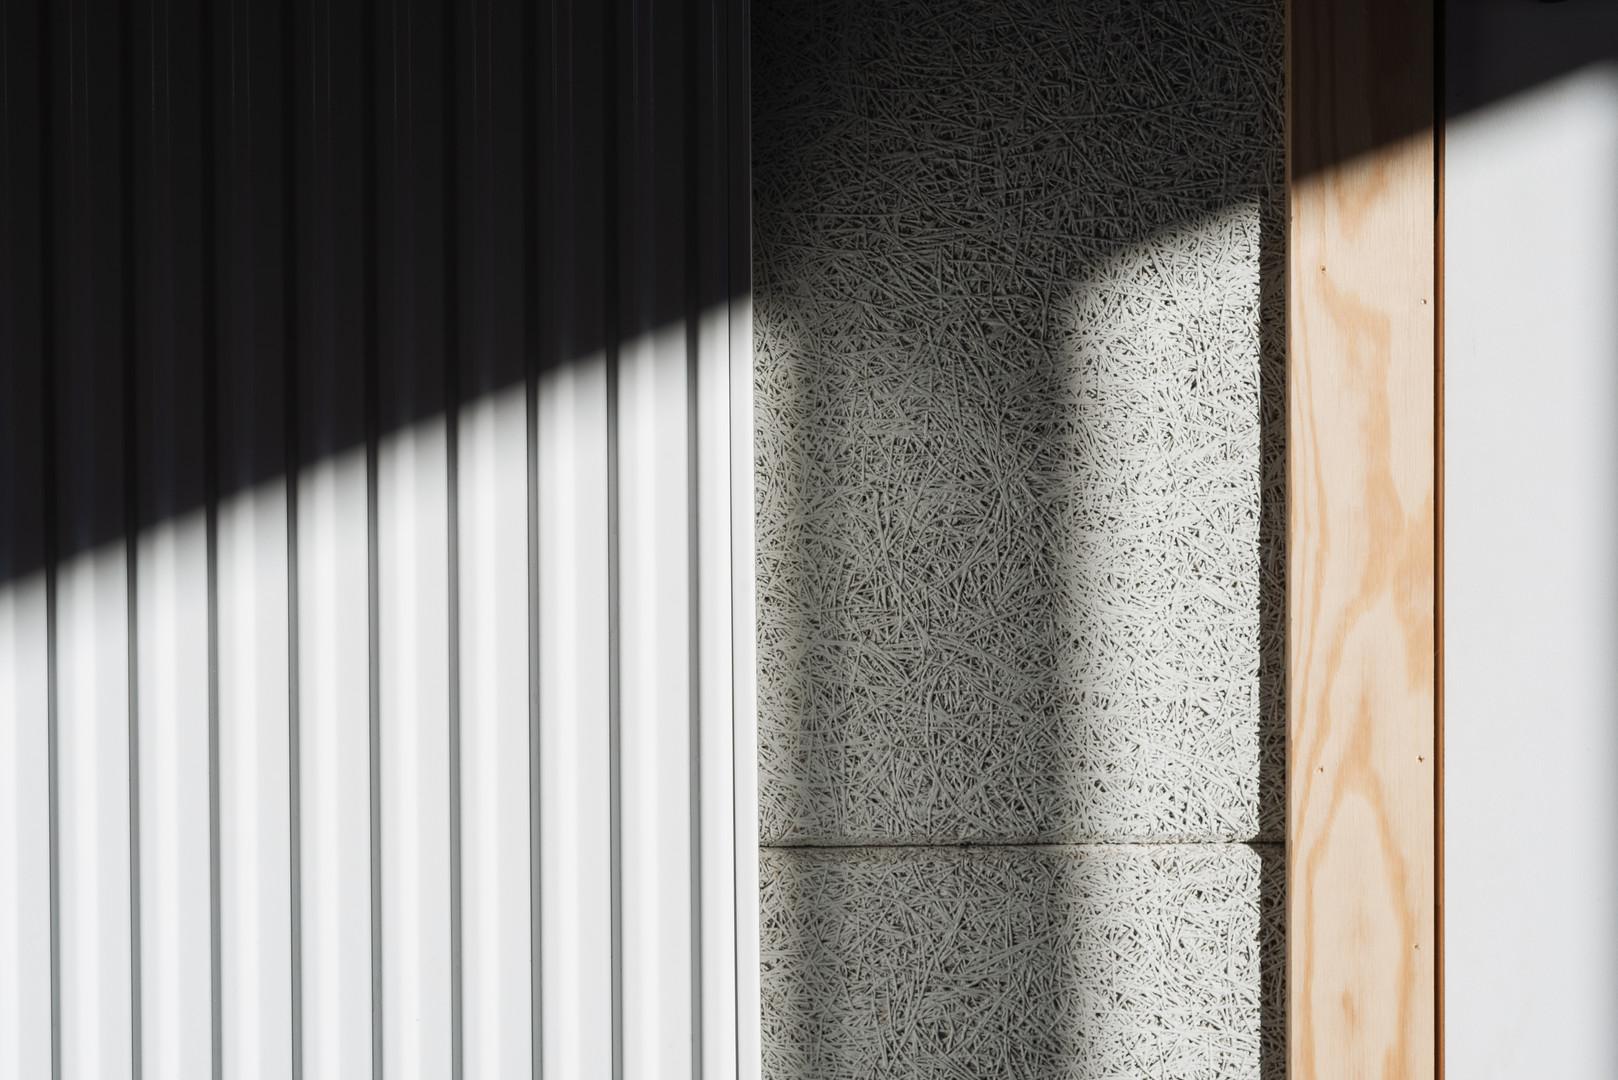 interieur-detail-zon